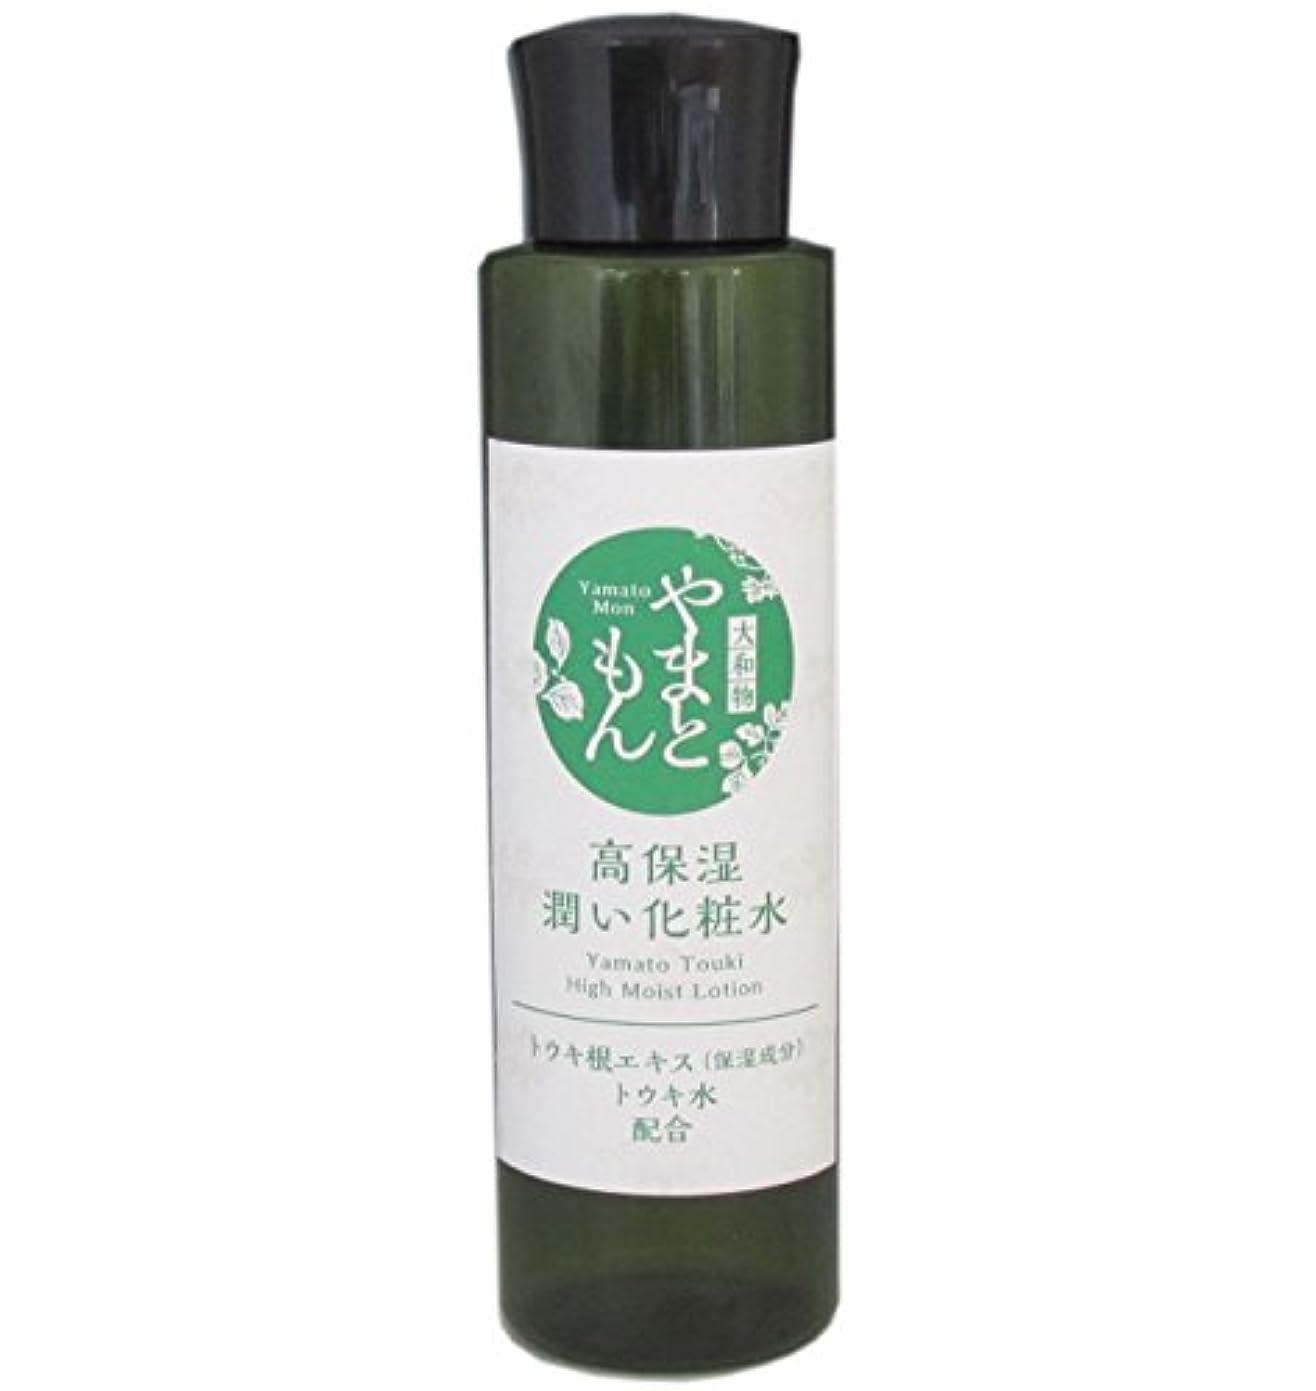 甥賞賛する振動する奈良産和漢生薬エキス使用やまともん化粧品 当帰化粧水(とうきけしょうすい)